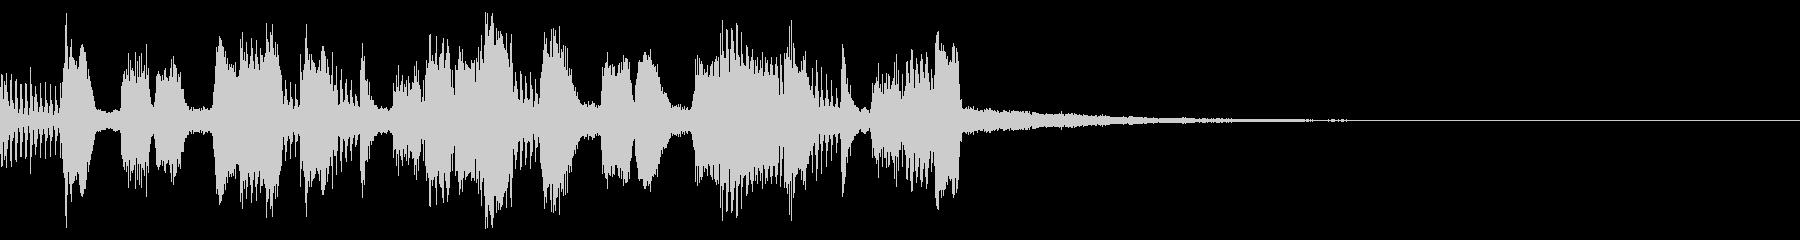 金管楽器による短いアンサンブルの未再生の波形